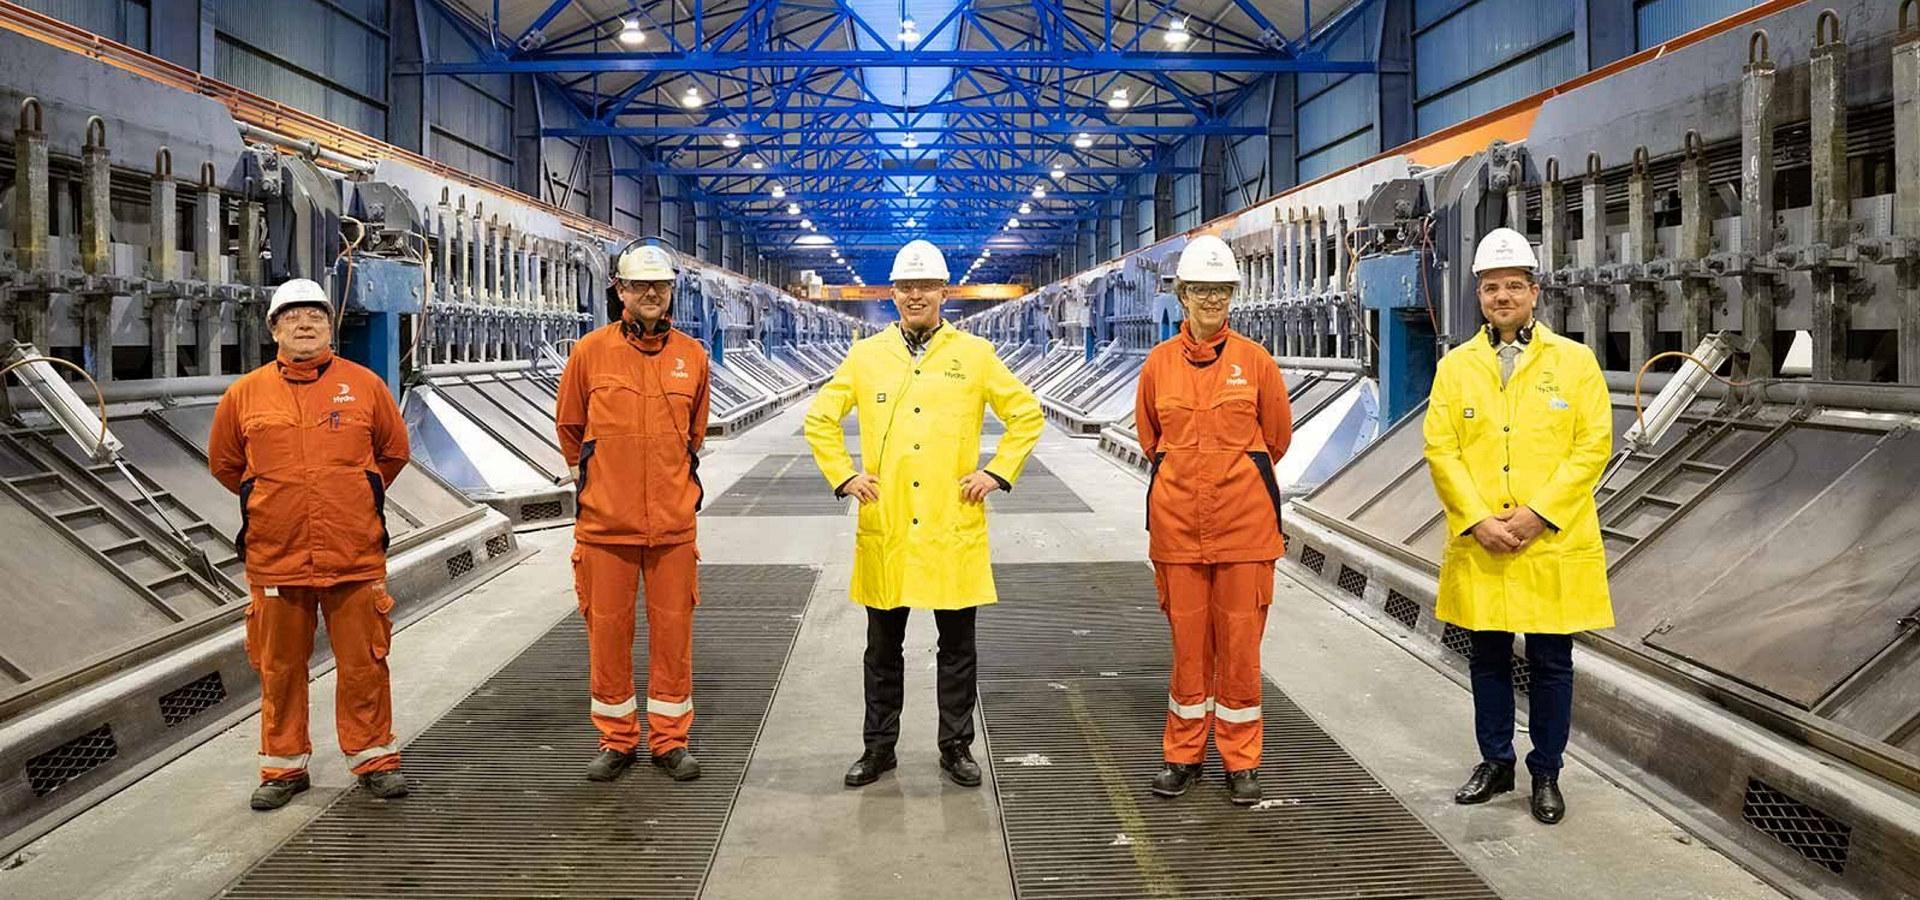 Fem mennesker i fabrikkhall